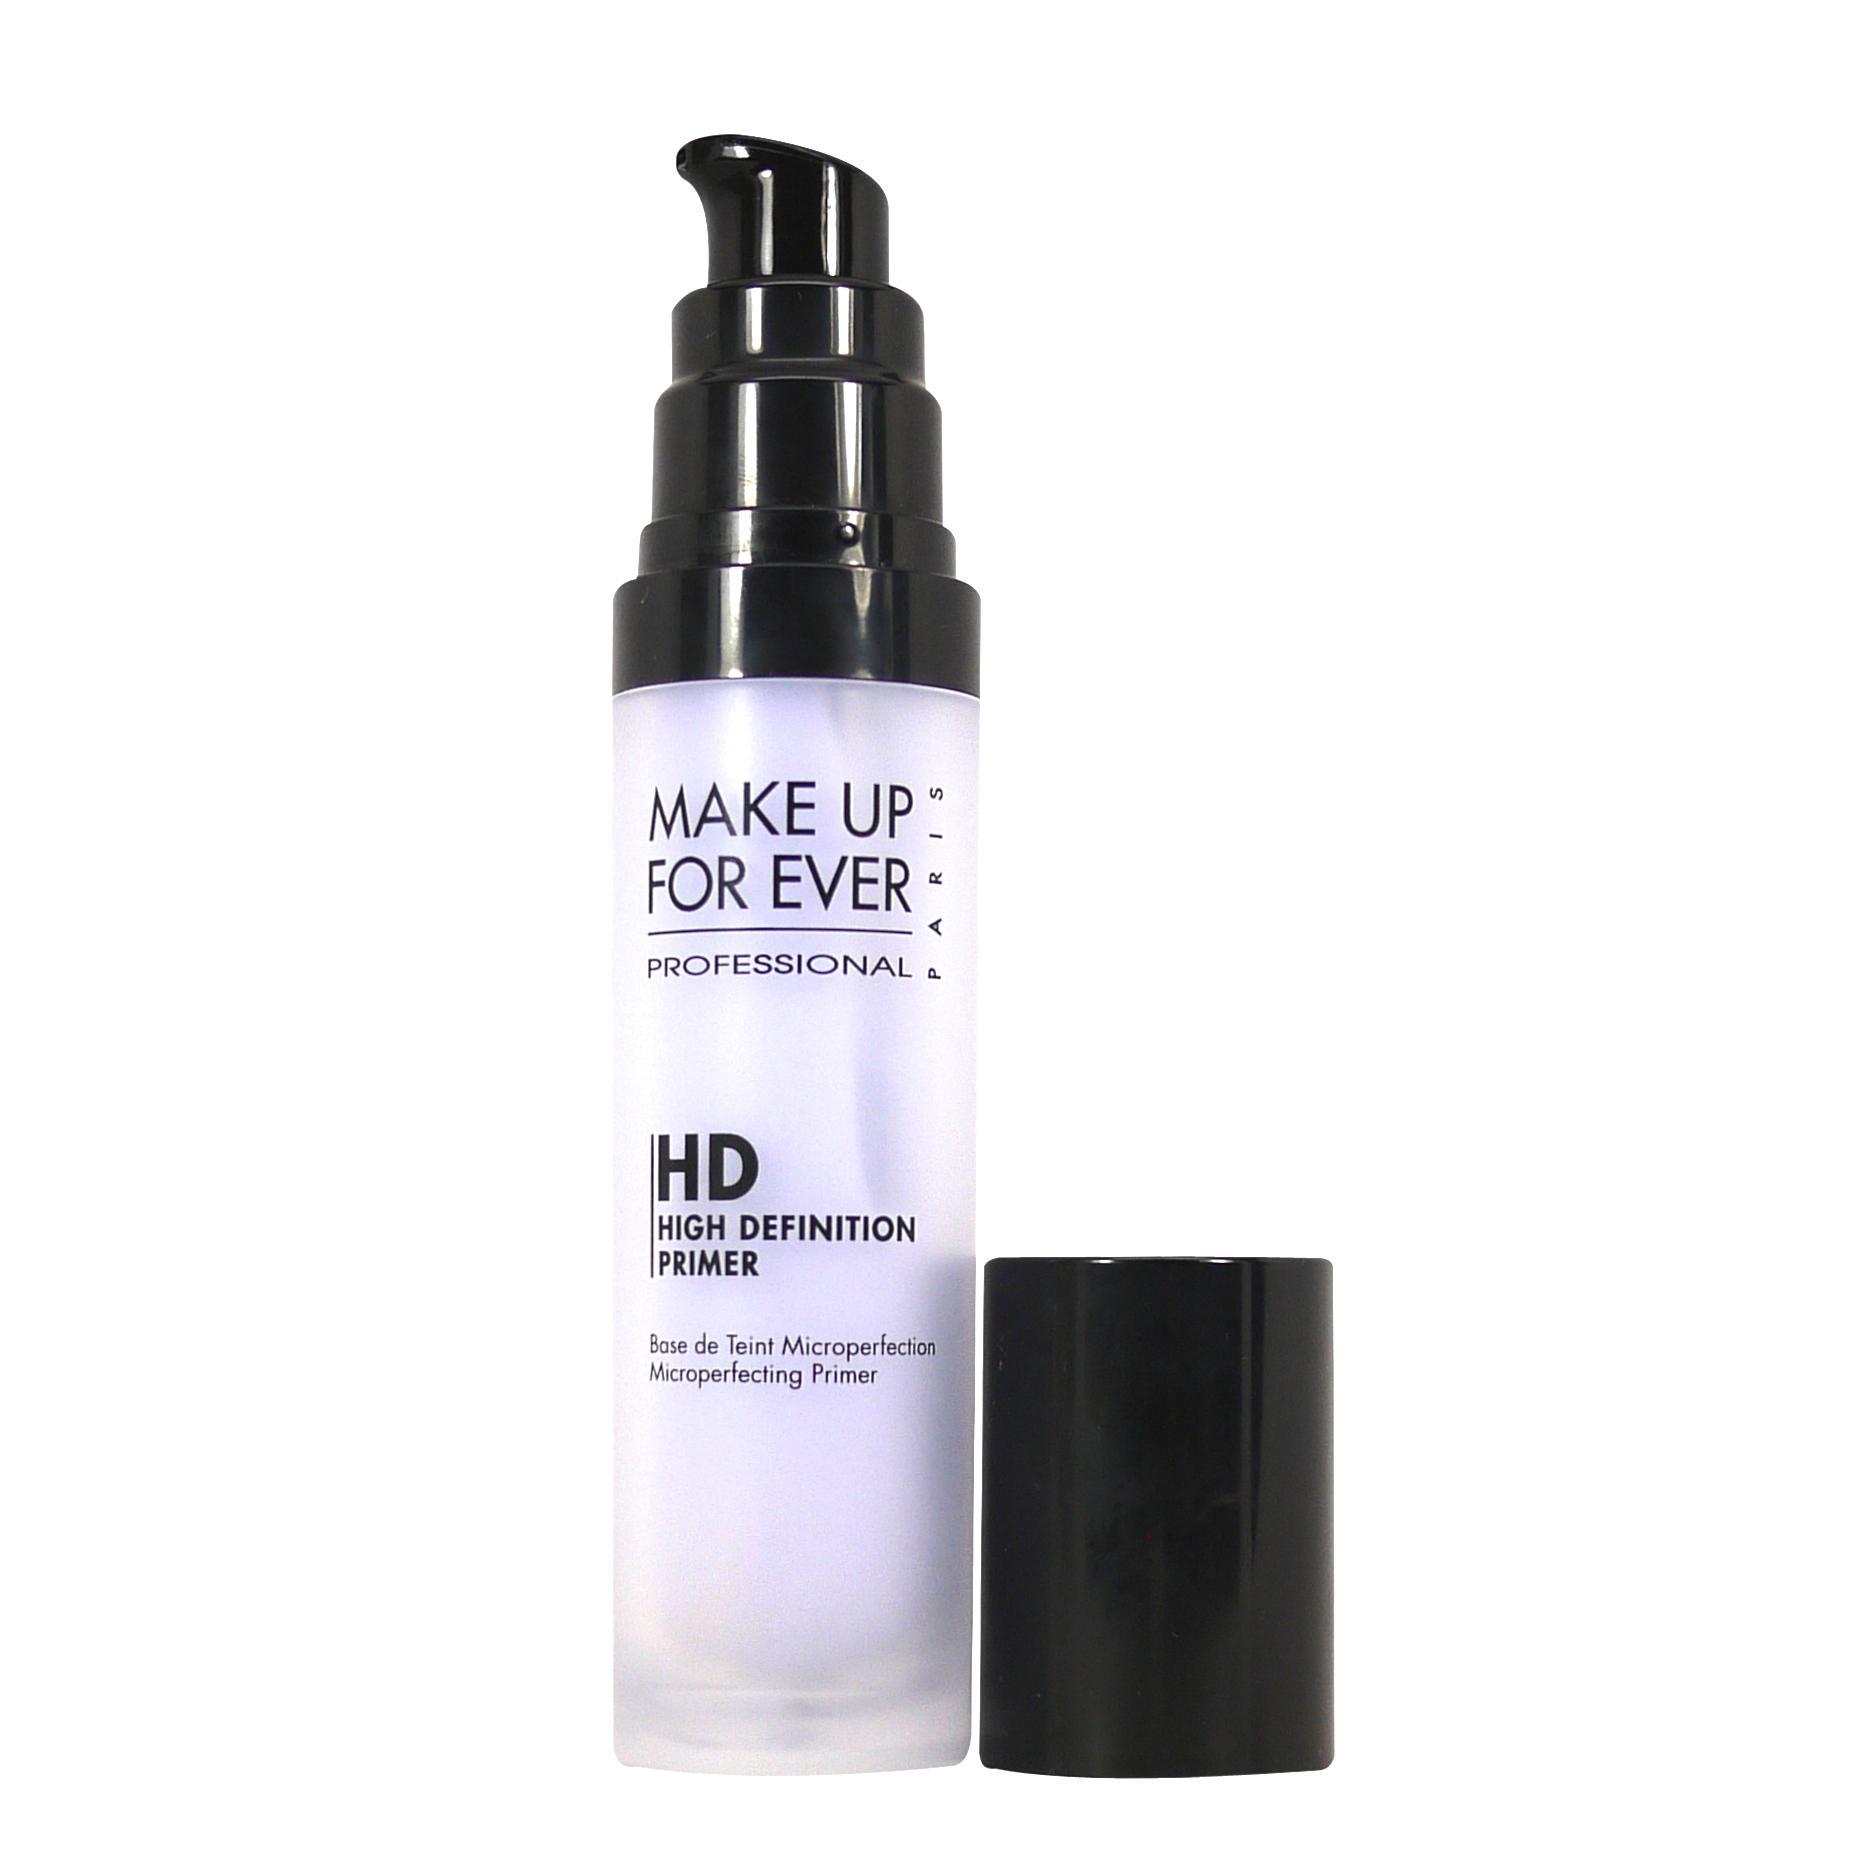 Makeup Forever High Definition Primer | Glambot.com - Best deals ...